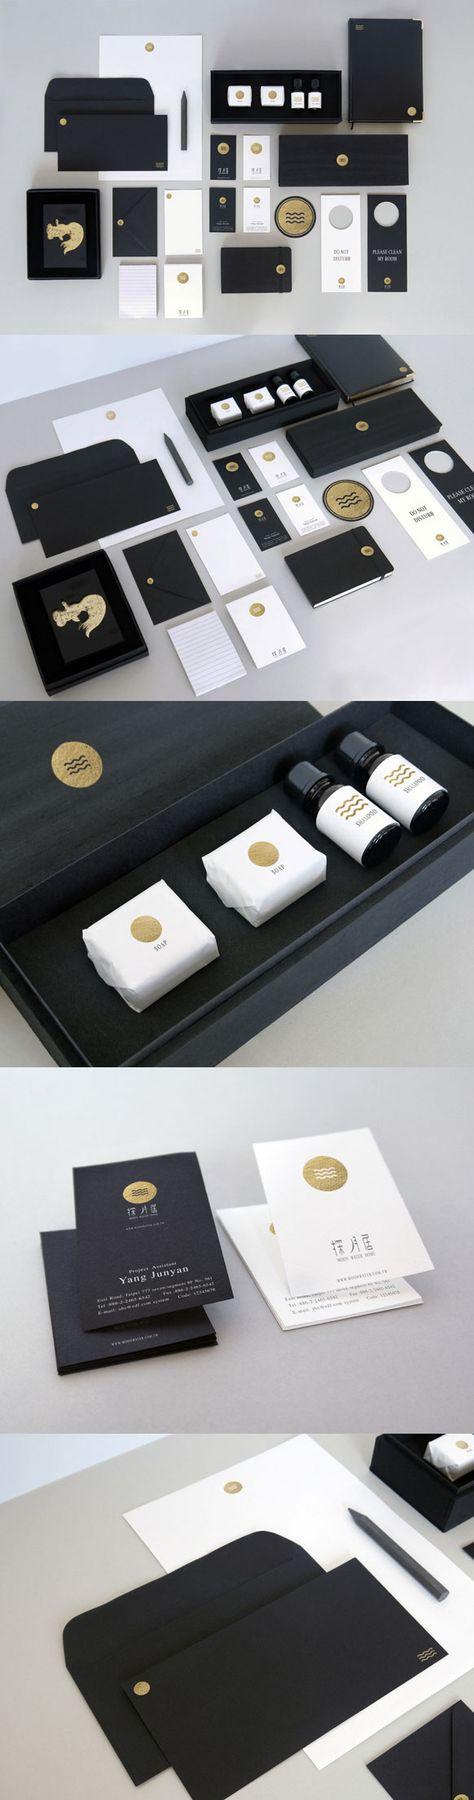 Moon Water Home Hotel branding by Shou-Wei Tsai